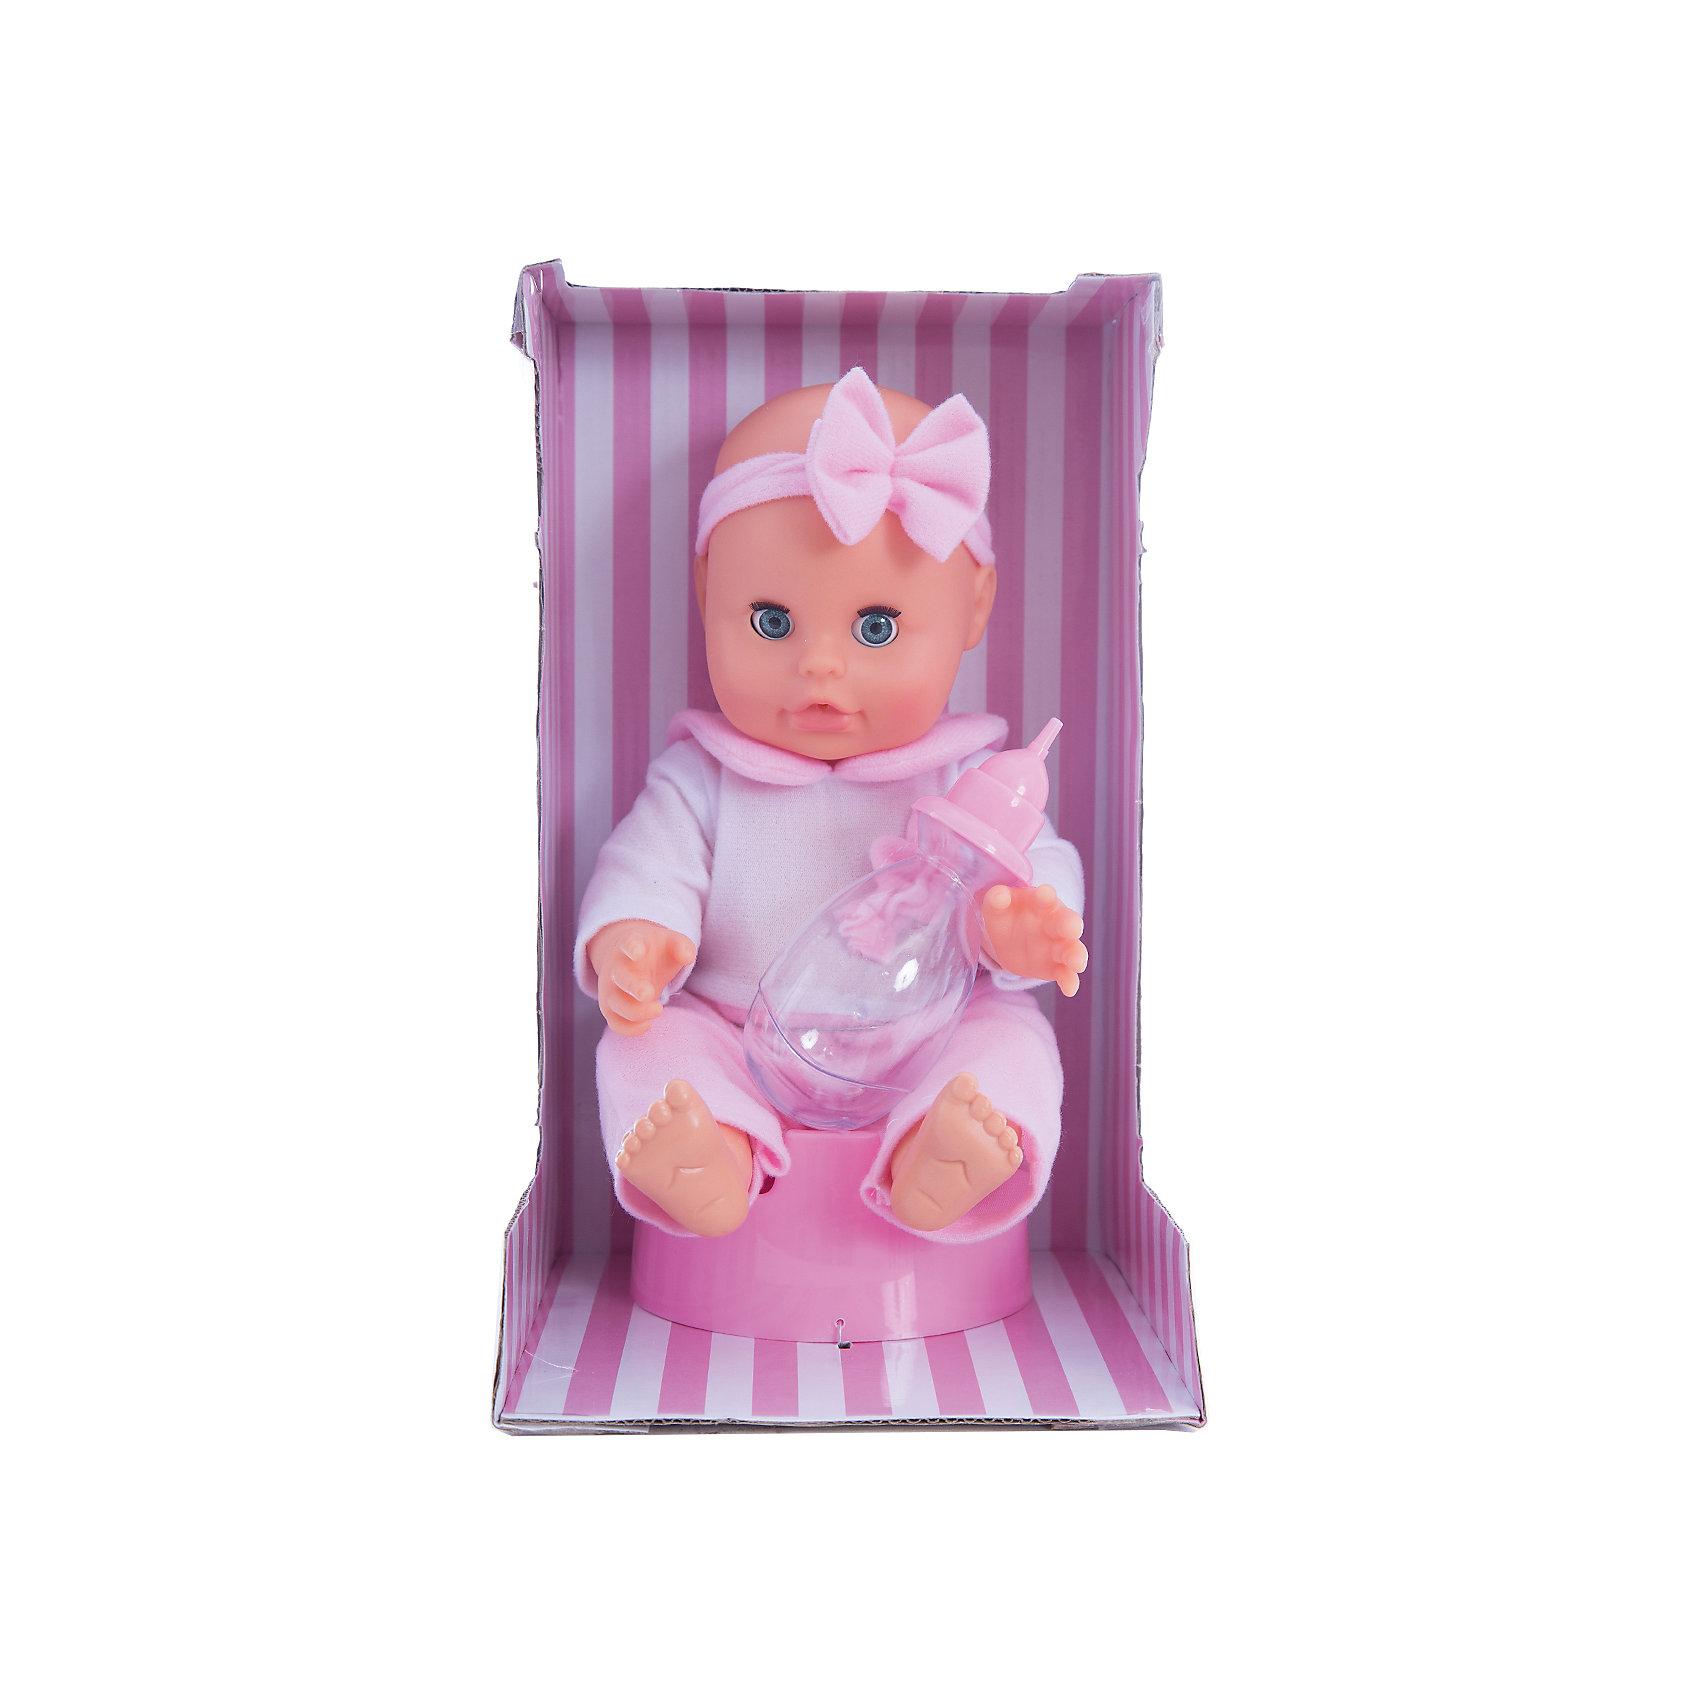 Кукла Bambolina, пьет и писает, с горшочком и бутылочкой, 33 см, DIMIANИнтерактивные куклы<br>Кукла Bambolina, пьет и писает, с горшочком и бутылочкой, 33 см, DIMIAN (Димиан)<br><br>Характеристики:<br><br>• реалистично пьет и писает<br>• в комплекте: кукла, бутылочка, горшок<br>• размер куклы: 33 см<br>• материал: пластик, ПВХ, текстиль<br>• размер упаковки: 28х16,5х17 см<br>• вес: 458 грамм<br><br>Прелестная кукла Bambolina - отличный подарок для маленькой принцессы. Строение куклы очень напоминает настоящего малыша. А ее выразительные глазки и пухлые щечки умиляют даже взрослых. Кукла одета в светлый комбинезон с широким воротничком розового цвета. Голову куклы украшает прелестная повязка с бантом. Bambolina похожа на малыша не только внешне. Кукла очень реалистично пьет из бутылочки и писает в свой горшок. С куклой Bambolina девочка научится проявлять заботу к младшим и почувствует себя настоящей заботливой мамочкой.<br><br>Куклу Bambolina, пьет и писает, с горшочком и бутылочкой, 33 см, DIMIAN (Димиан) можно купить в нашем интернет-магазине.<br><br>Ширина мм: 170<br>Глубина мм: 165<br>Высота мм: 280<br>Вес г: 458<br>Возраст от месяцев: 36<br>Возраст до месяцев: 2147483647<br>Пол: Женский<br>Возраст: Детский<br>SKU: 5571406